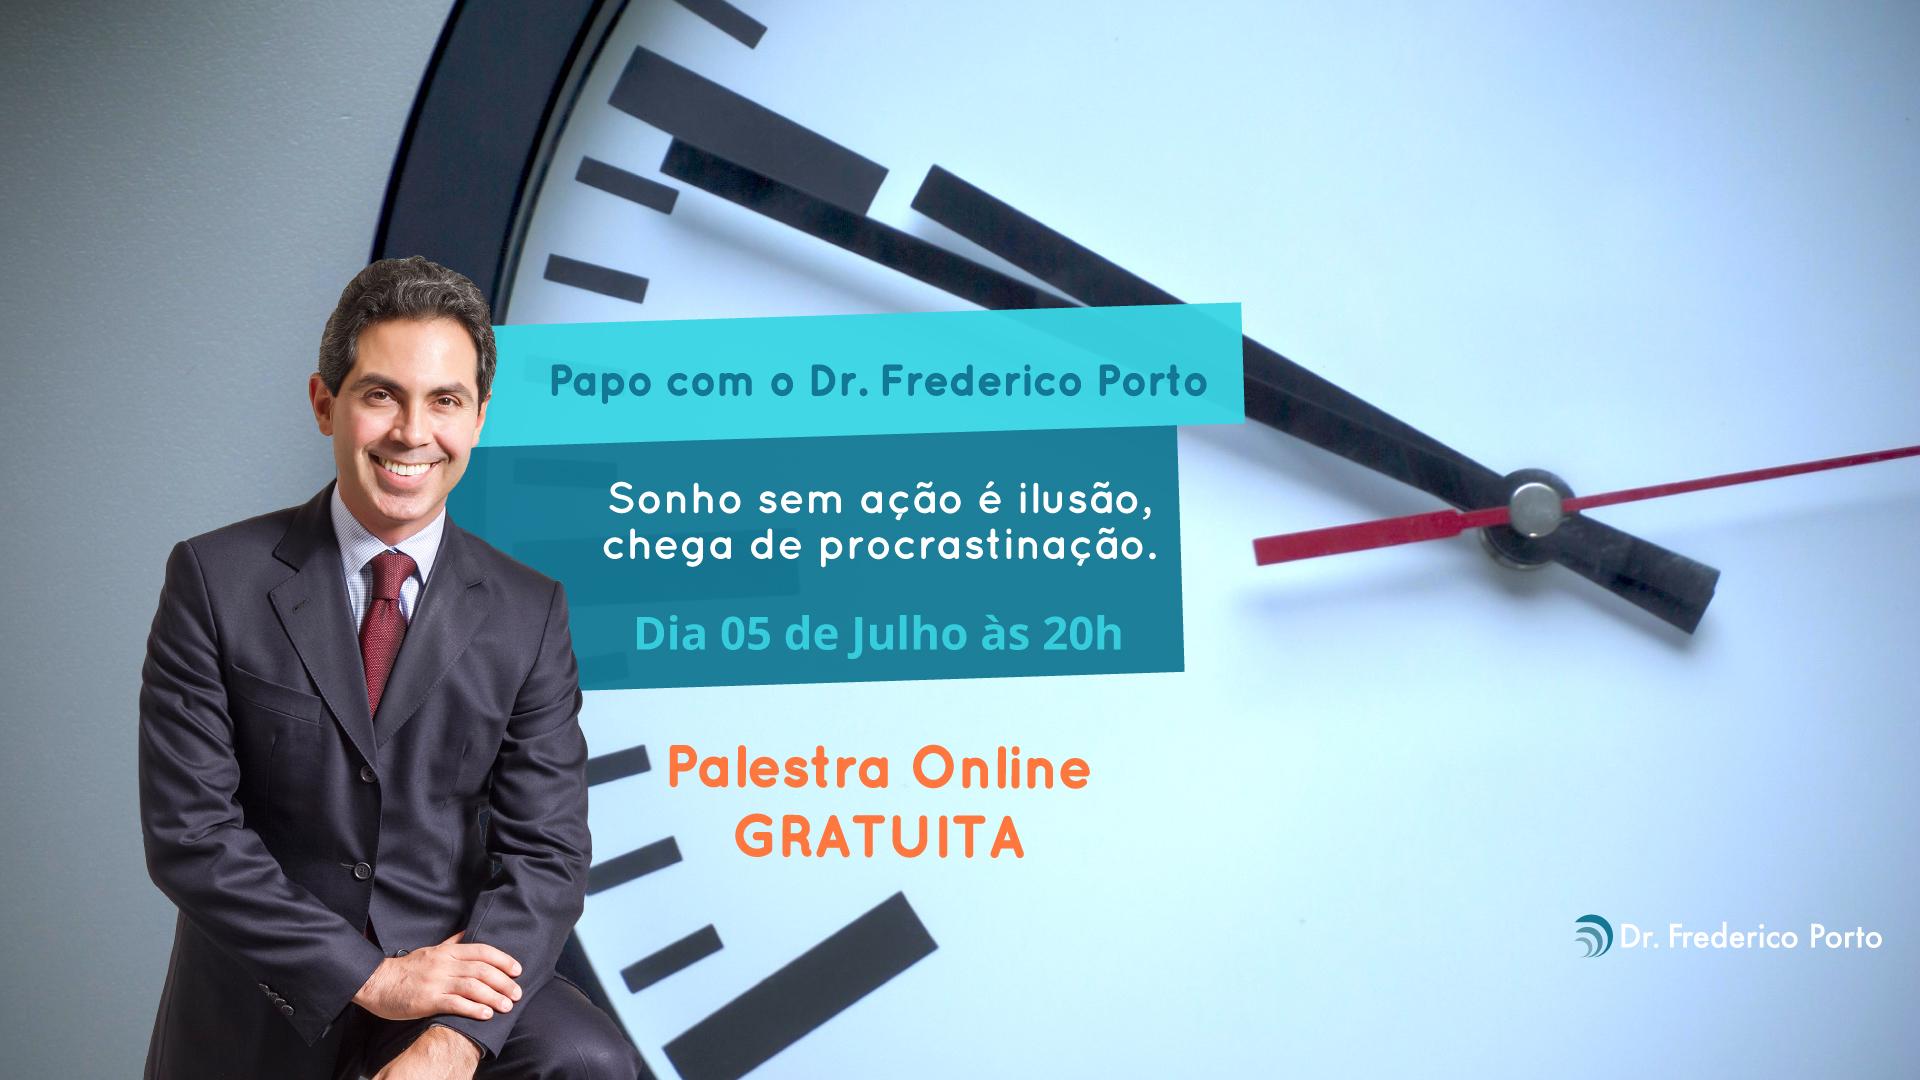 Papo com o Dr. Frederico Porto dia 05/07